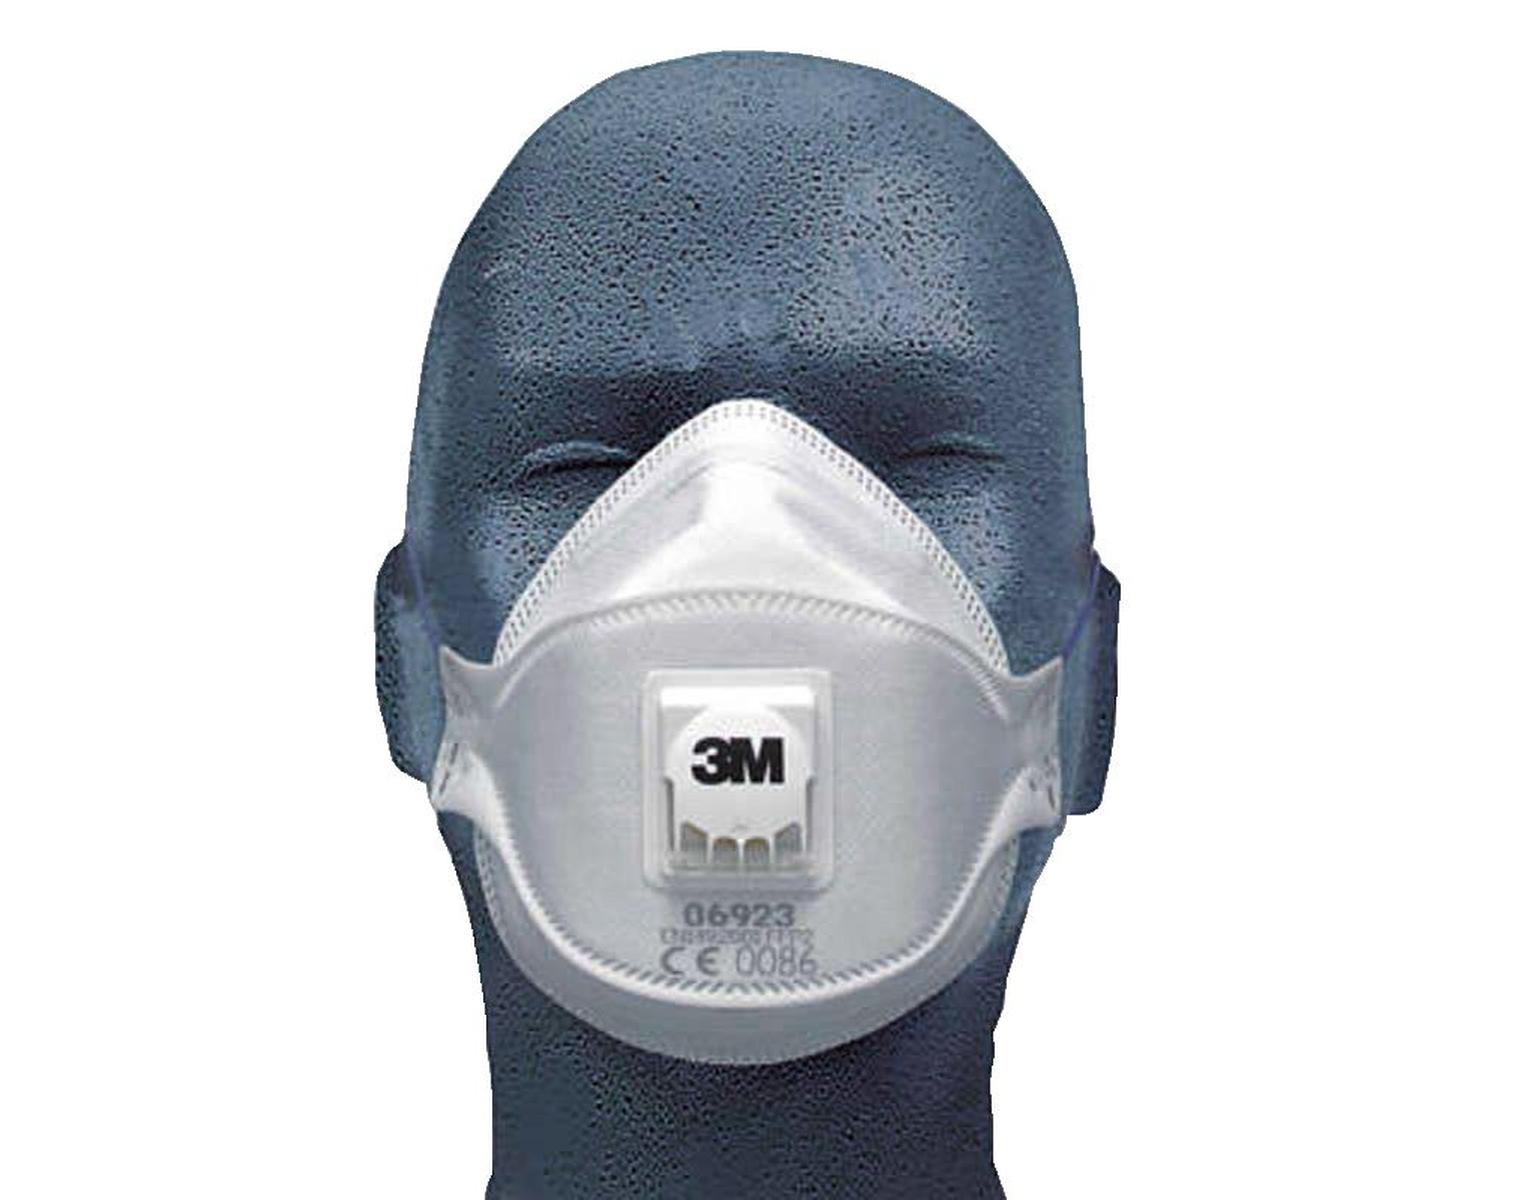 3m maschere sito ufficiale